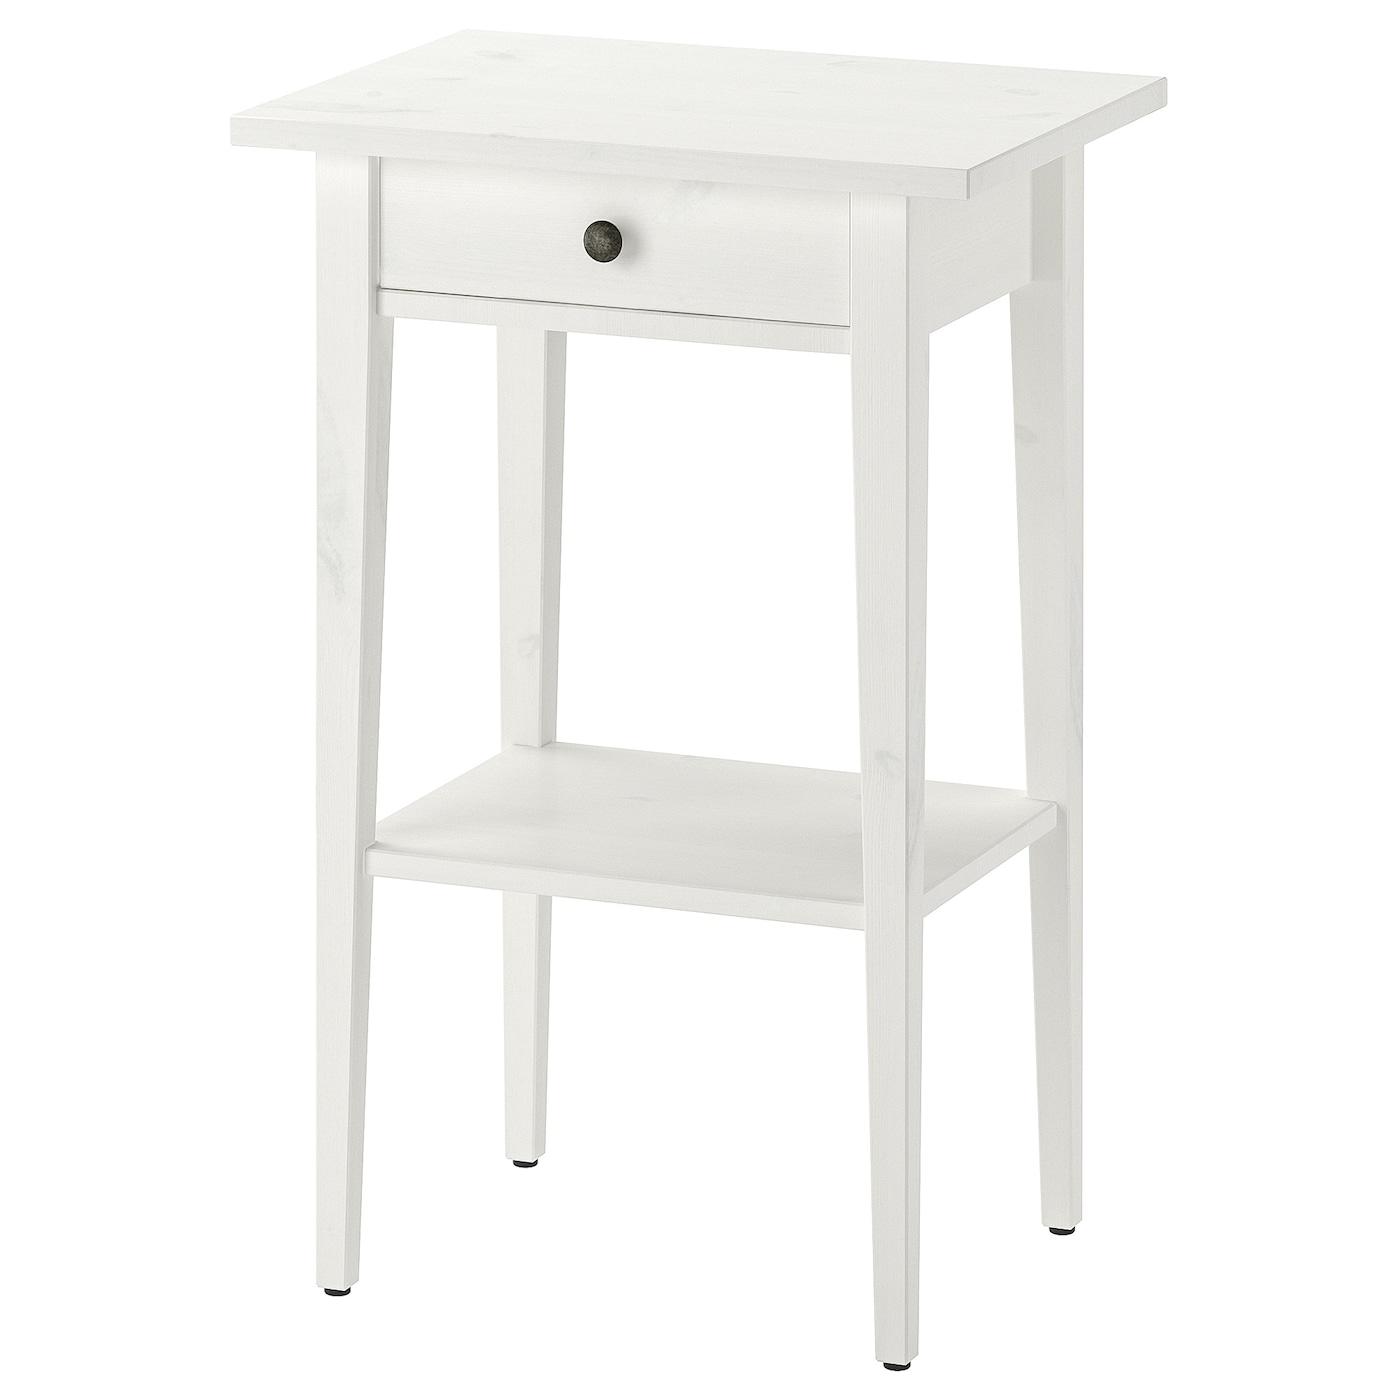 IKEA HEMNES biały, sosnowy stolik nocny, 46x35 cm